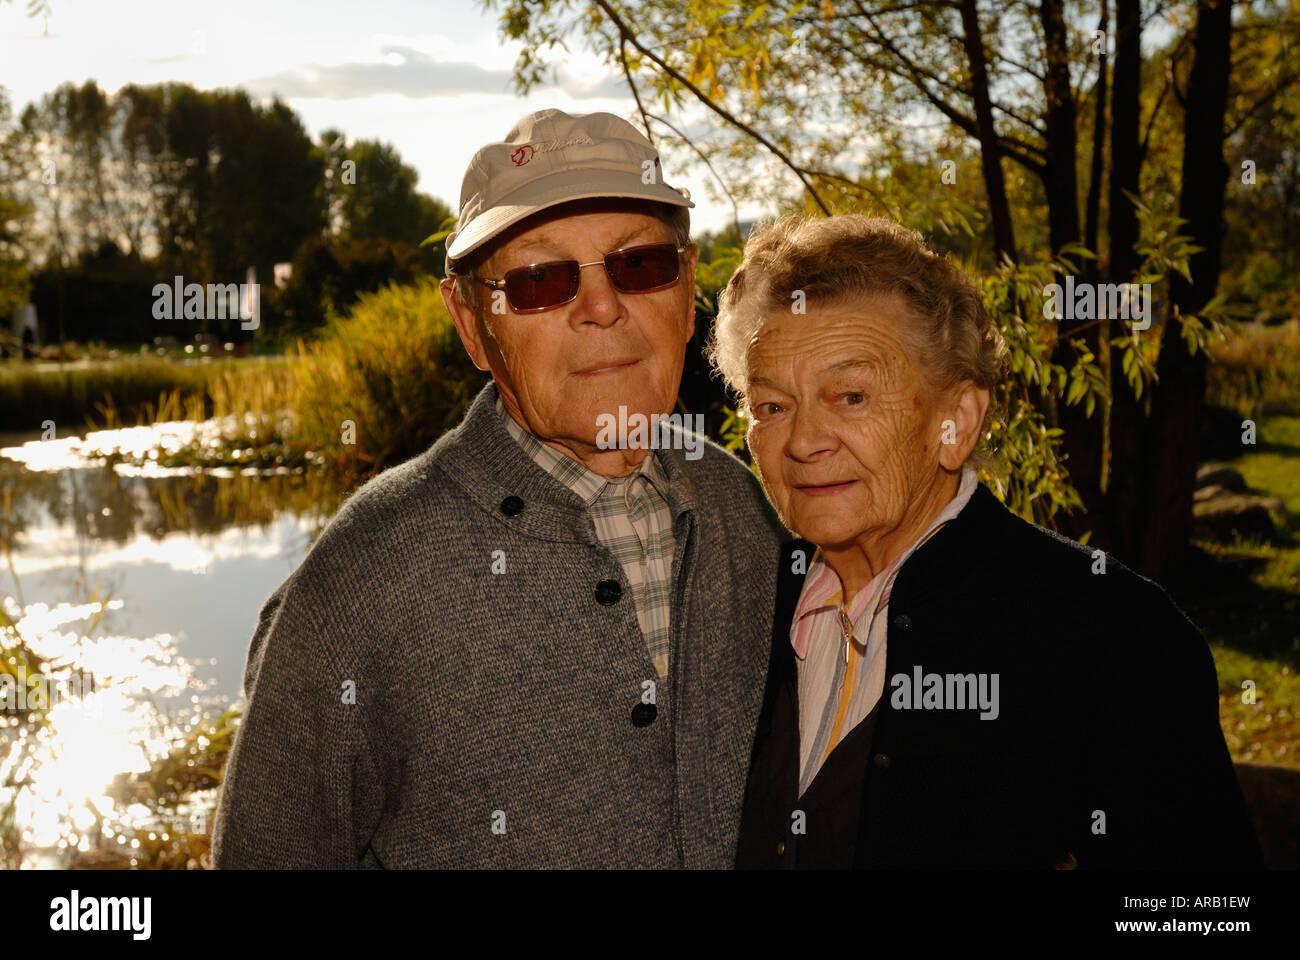 Old couple. Autumn. Sunshine. - Stock Image